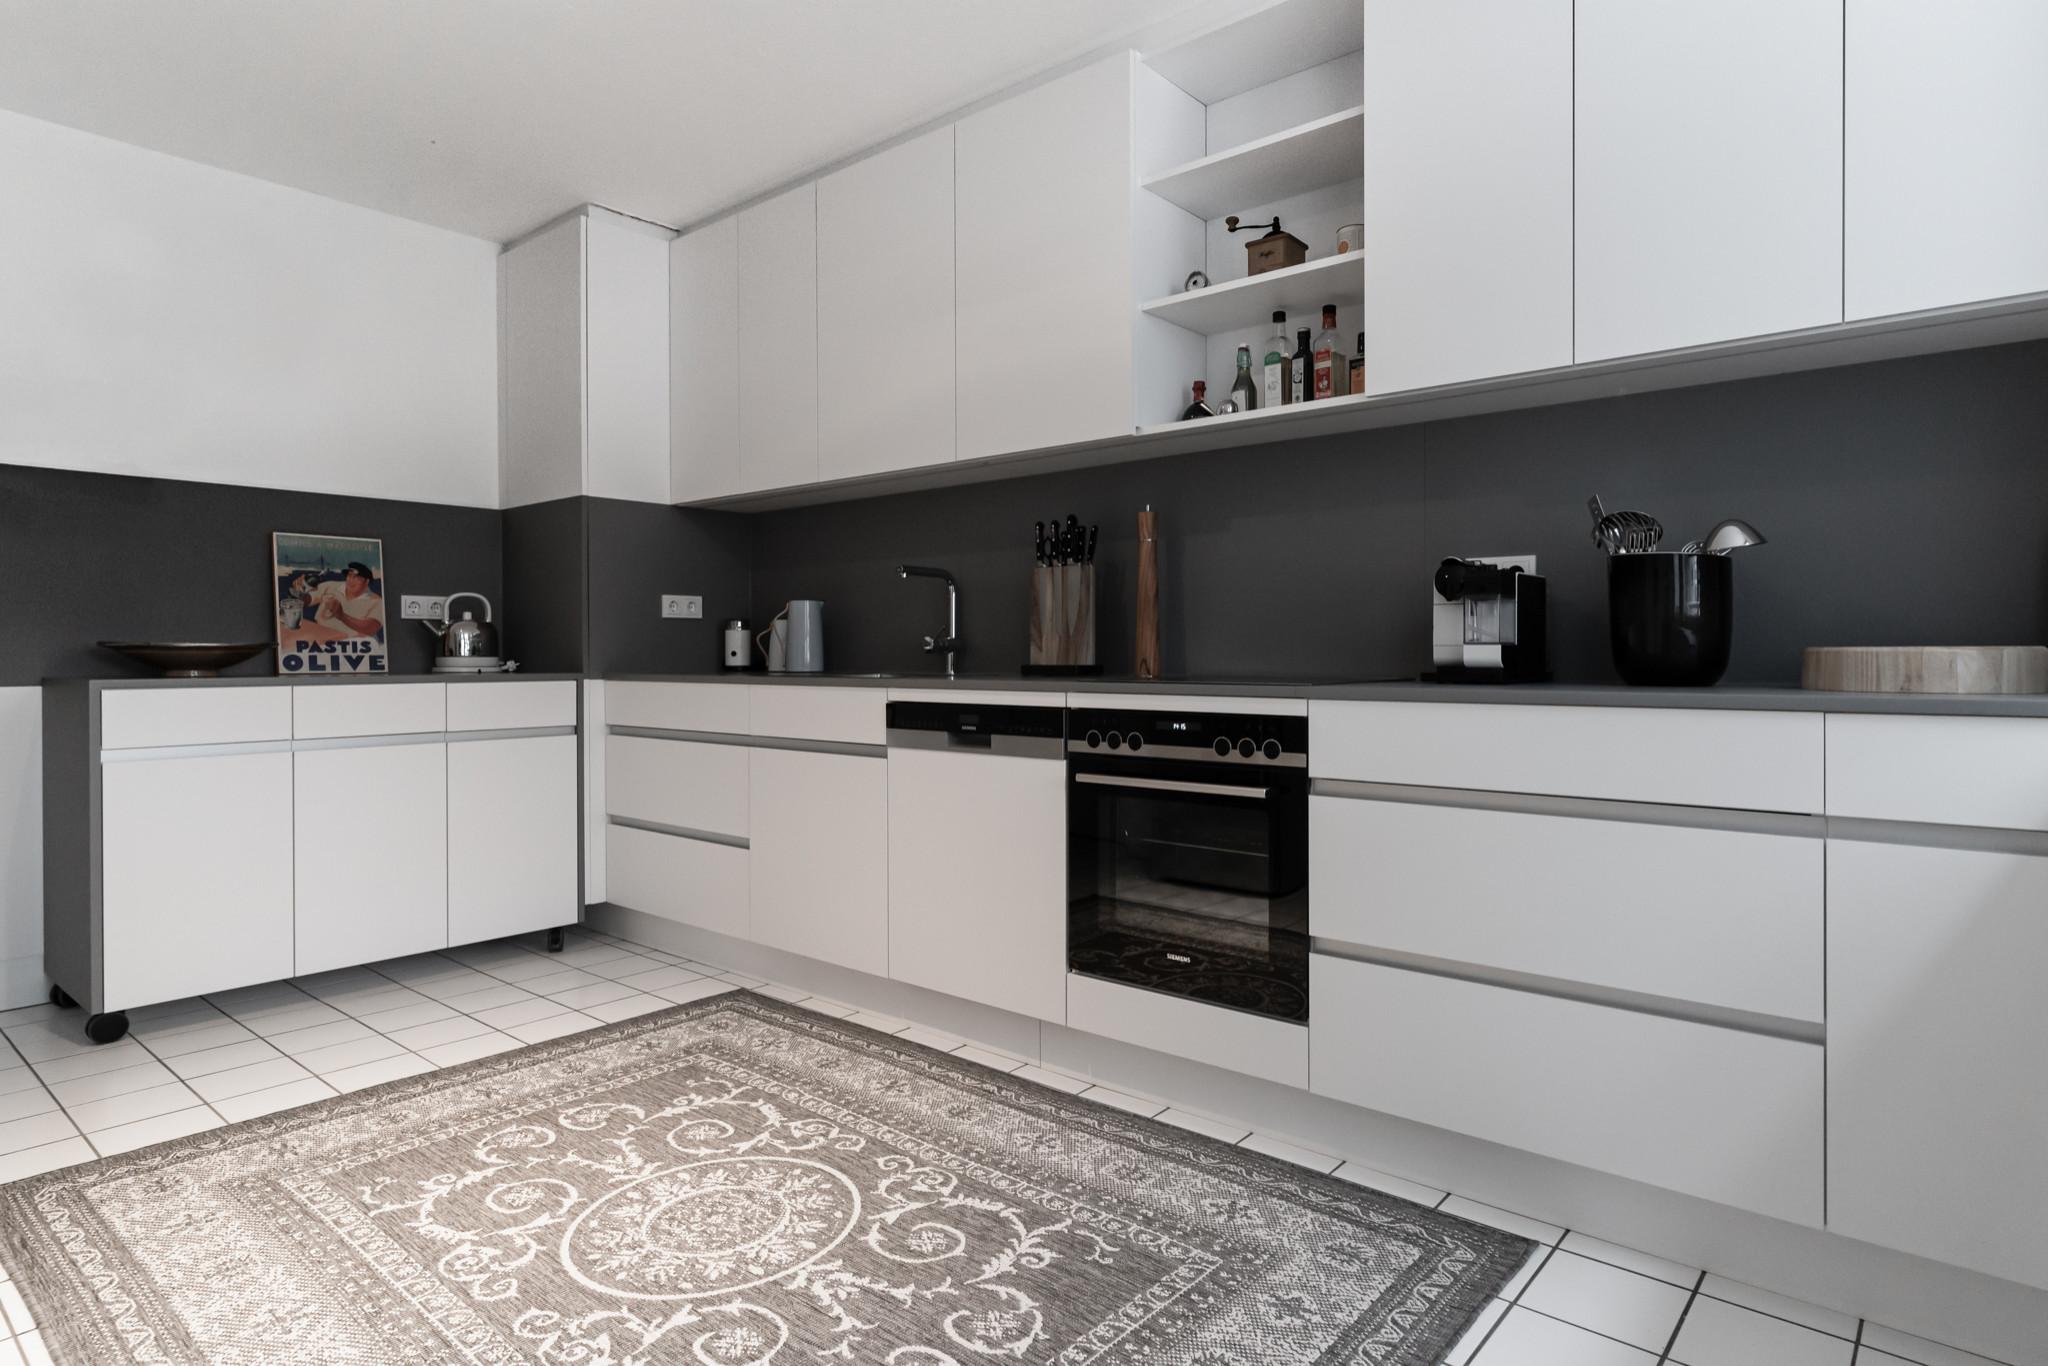 BHS65 - Einbauküche + Badmöbel